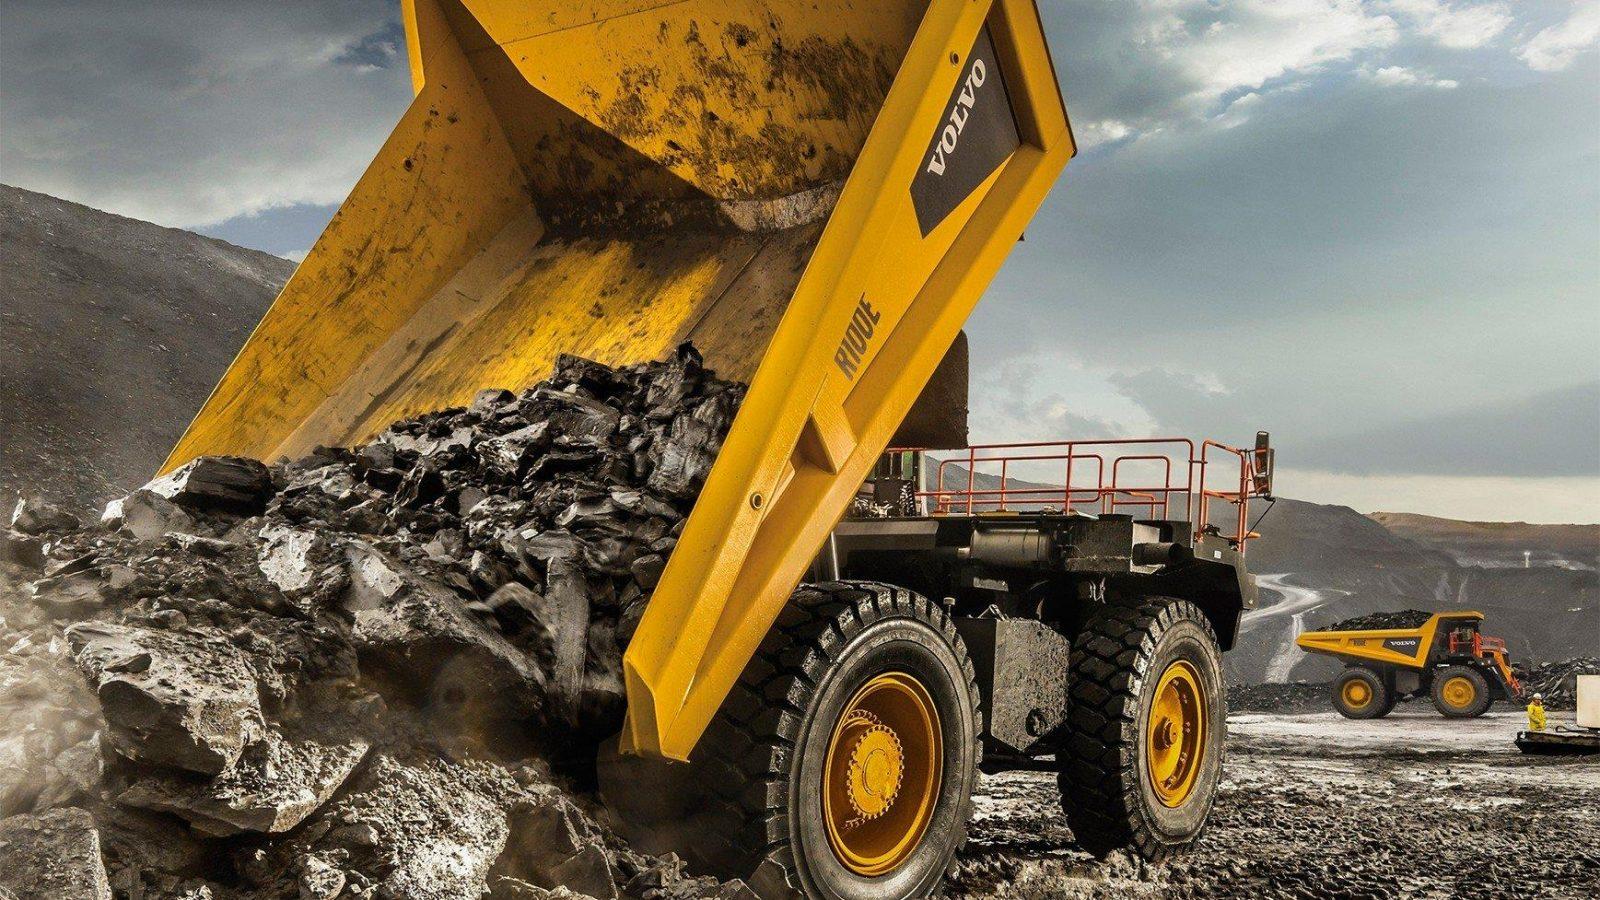 100 тонный карьерный самосвал Volvo R100E с суперсовременными устройствами